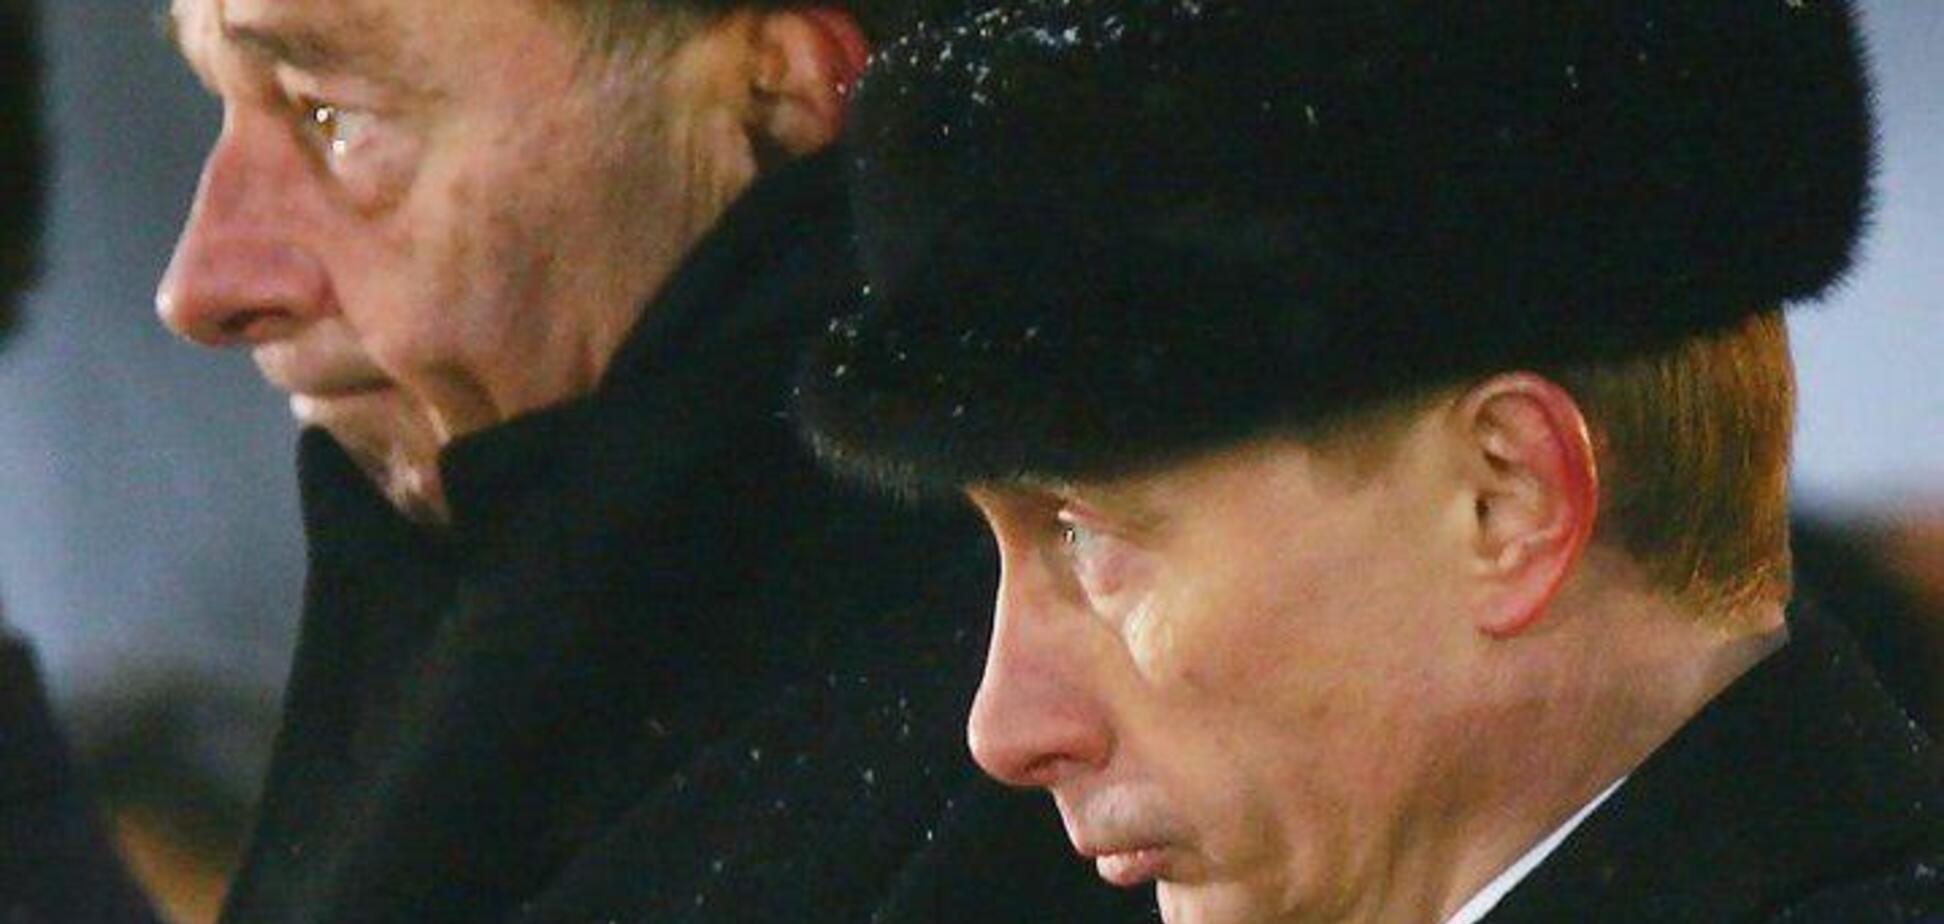 Помолодел? В сети подметили странную метаморфозу Путина